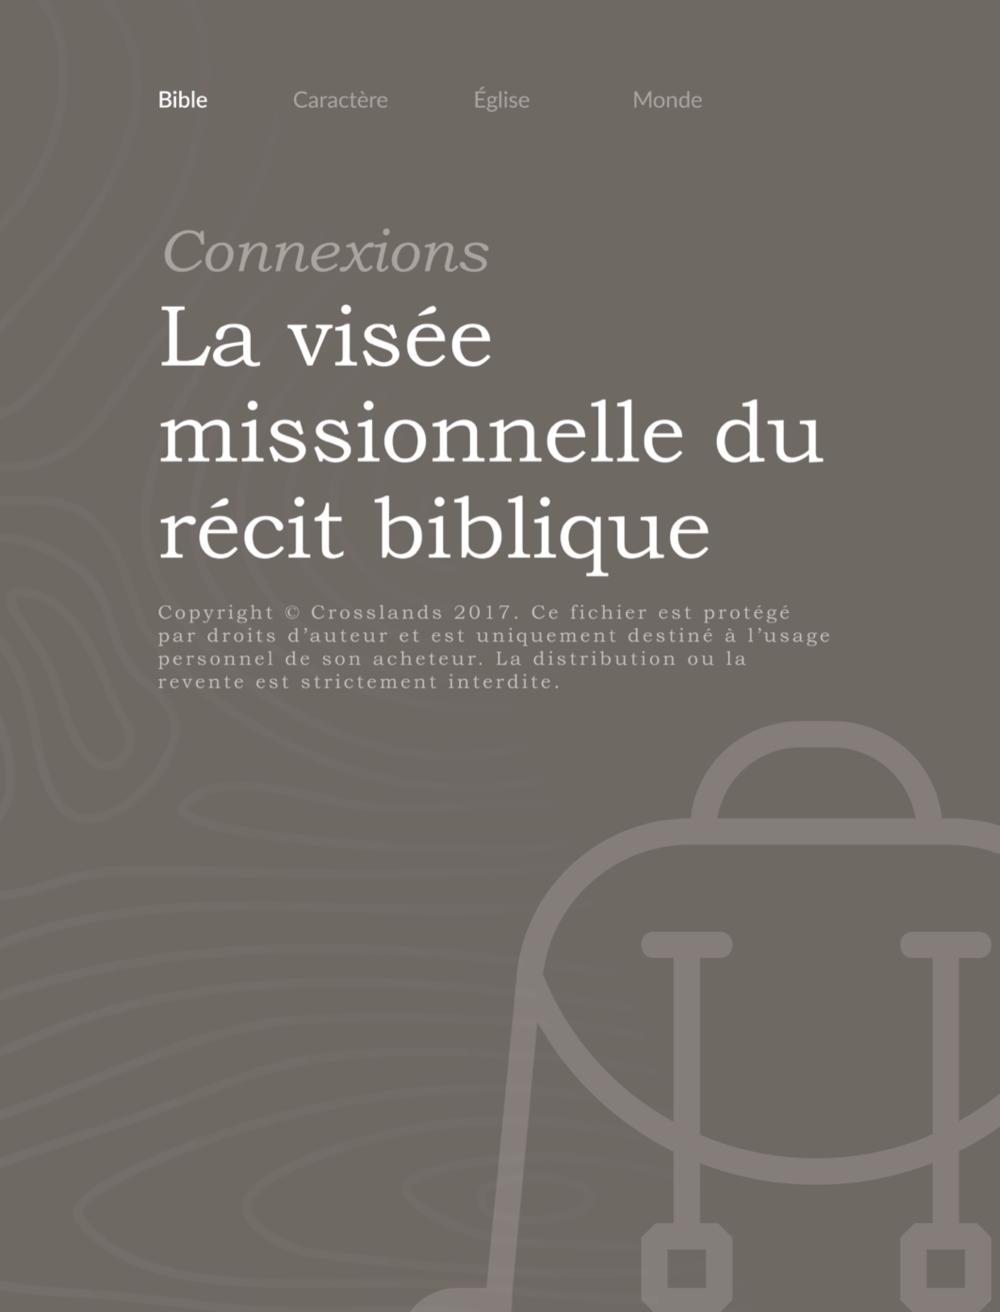 La visée missionnelle du récit biblique_sample_published.1.png